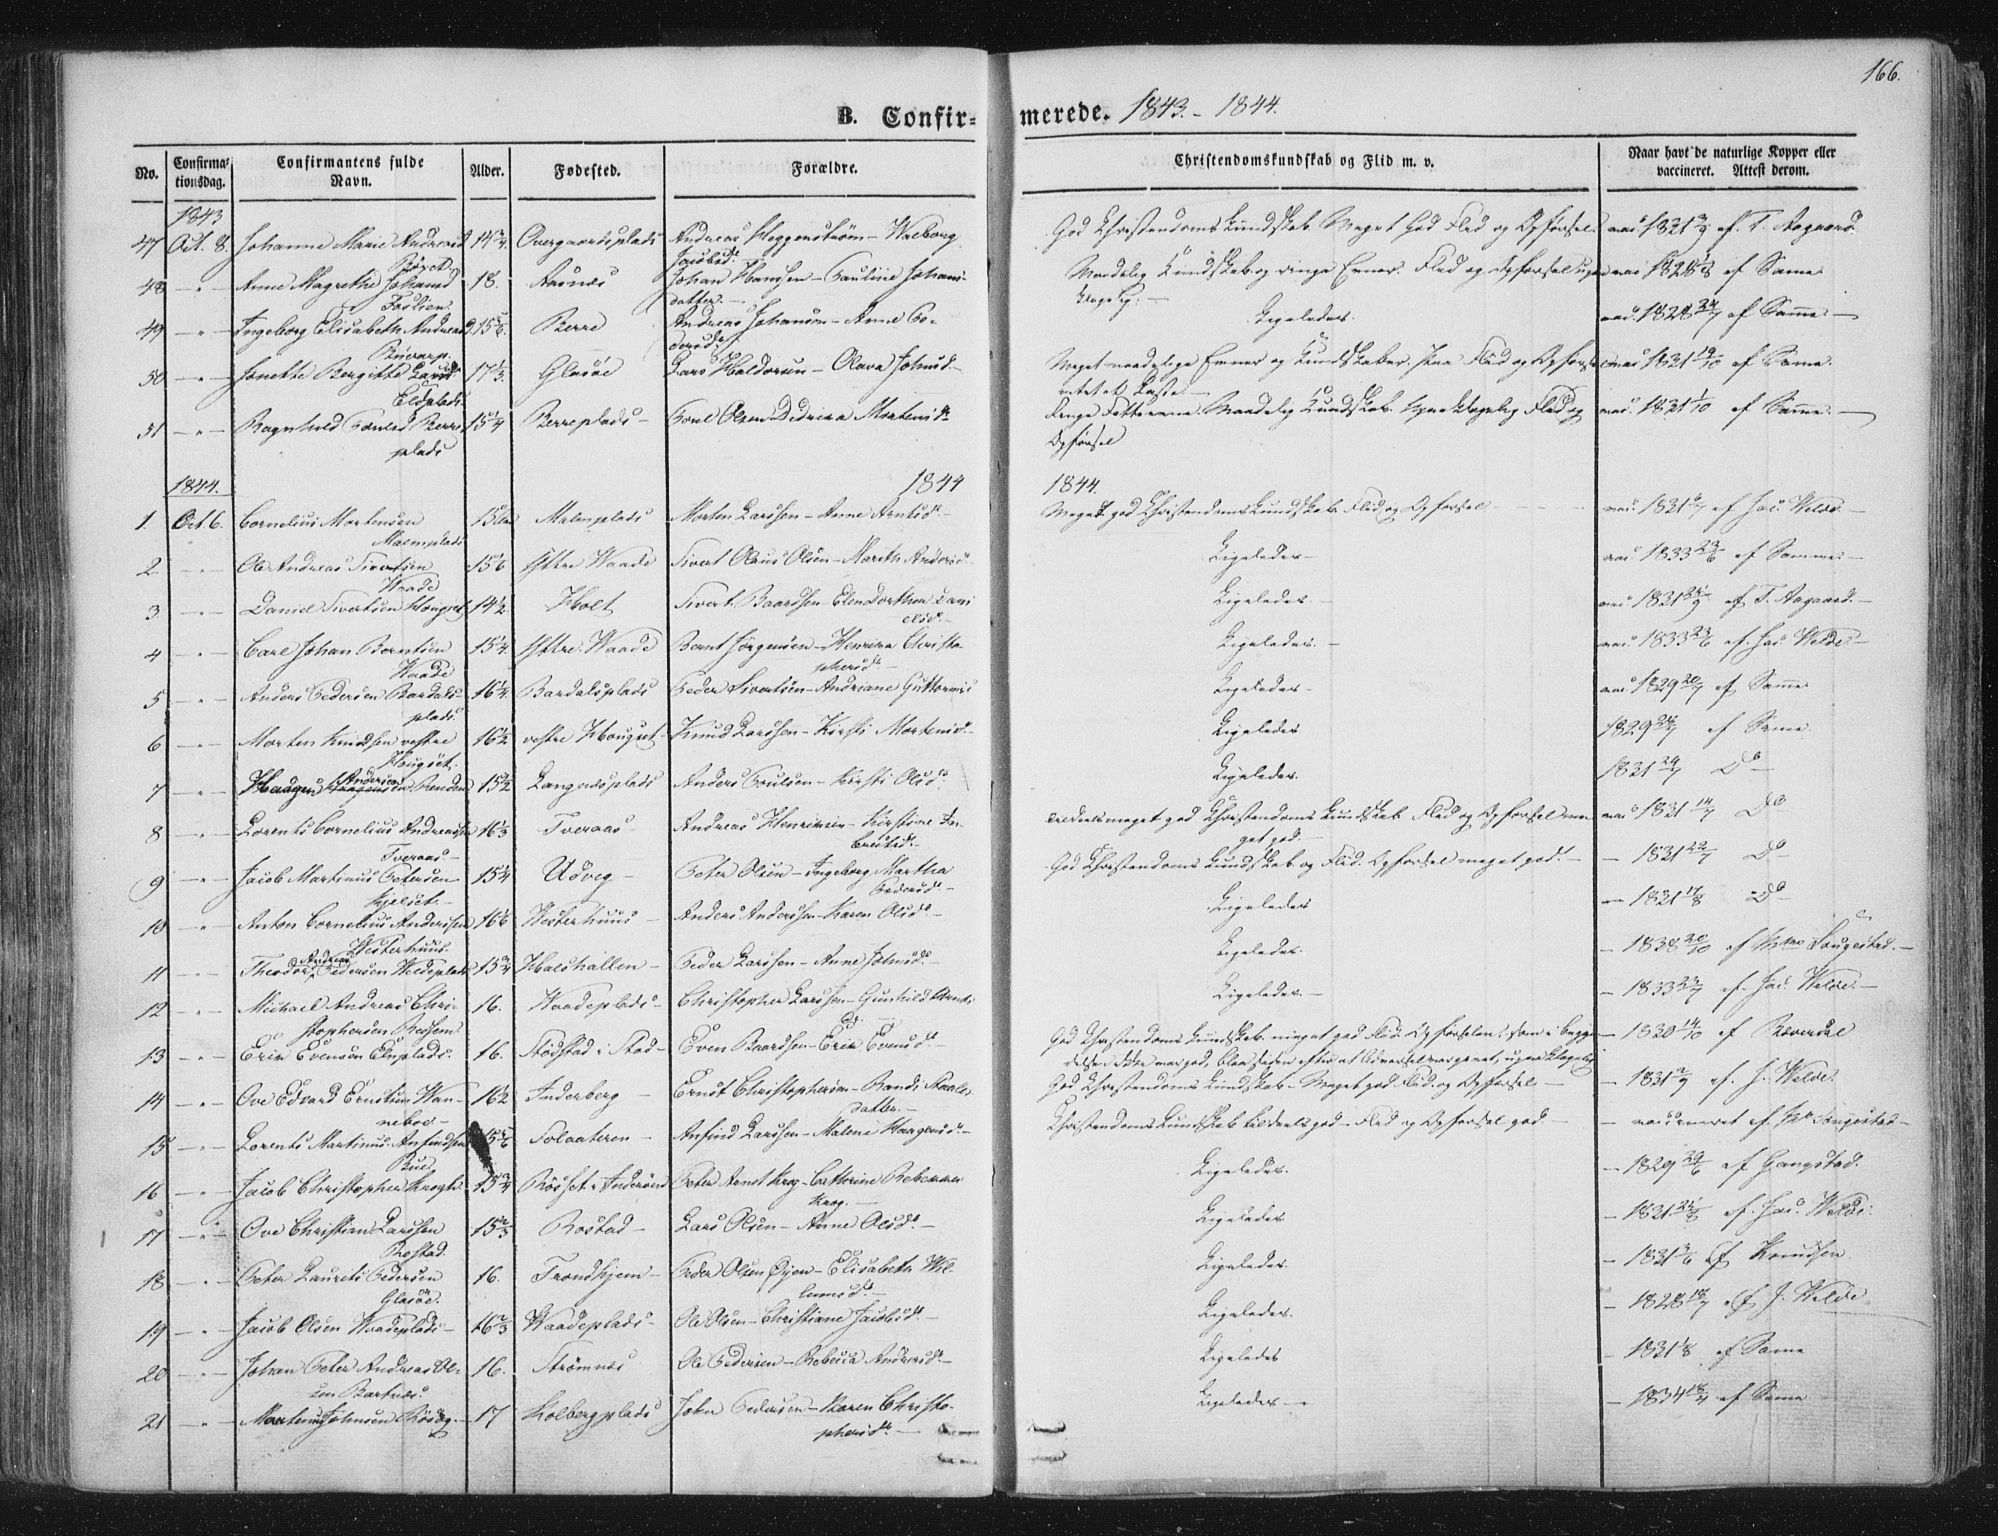 SAT, Ministerialprotokoller, klokkerbøker og fødselsregistre - Nord-Trøndelag, 741/L0392: Ministerialbok nr. 741A06, 1836-1848, s. 166